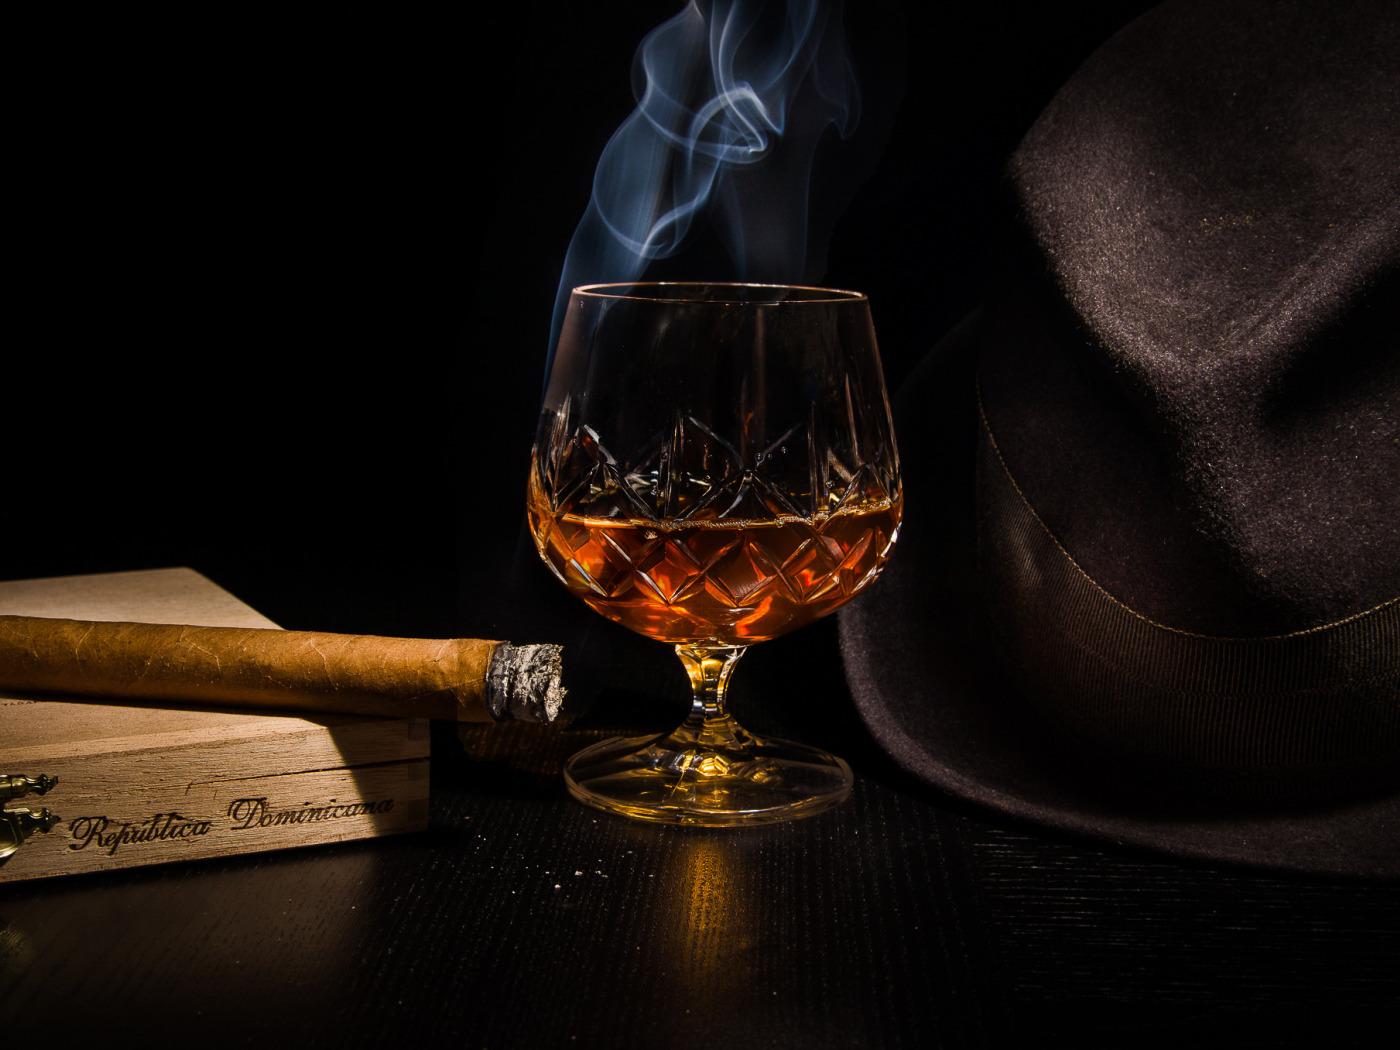 Открытка на др мужчине алкоголь, цифрой один открытки